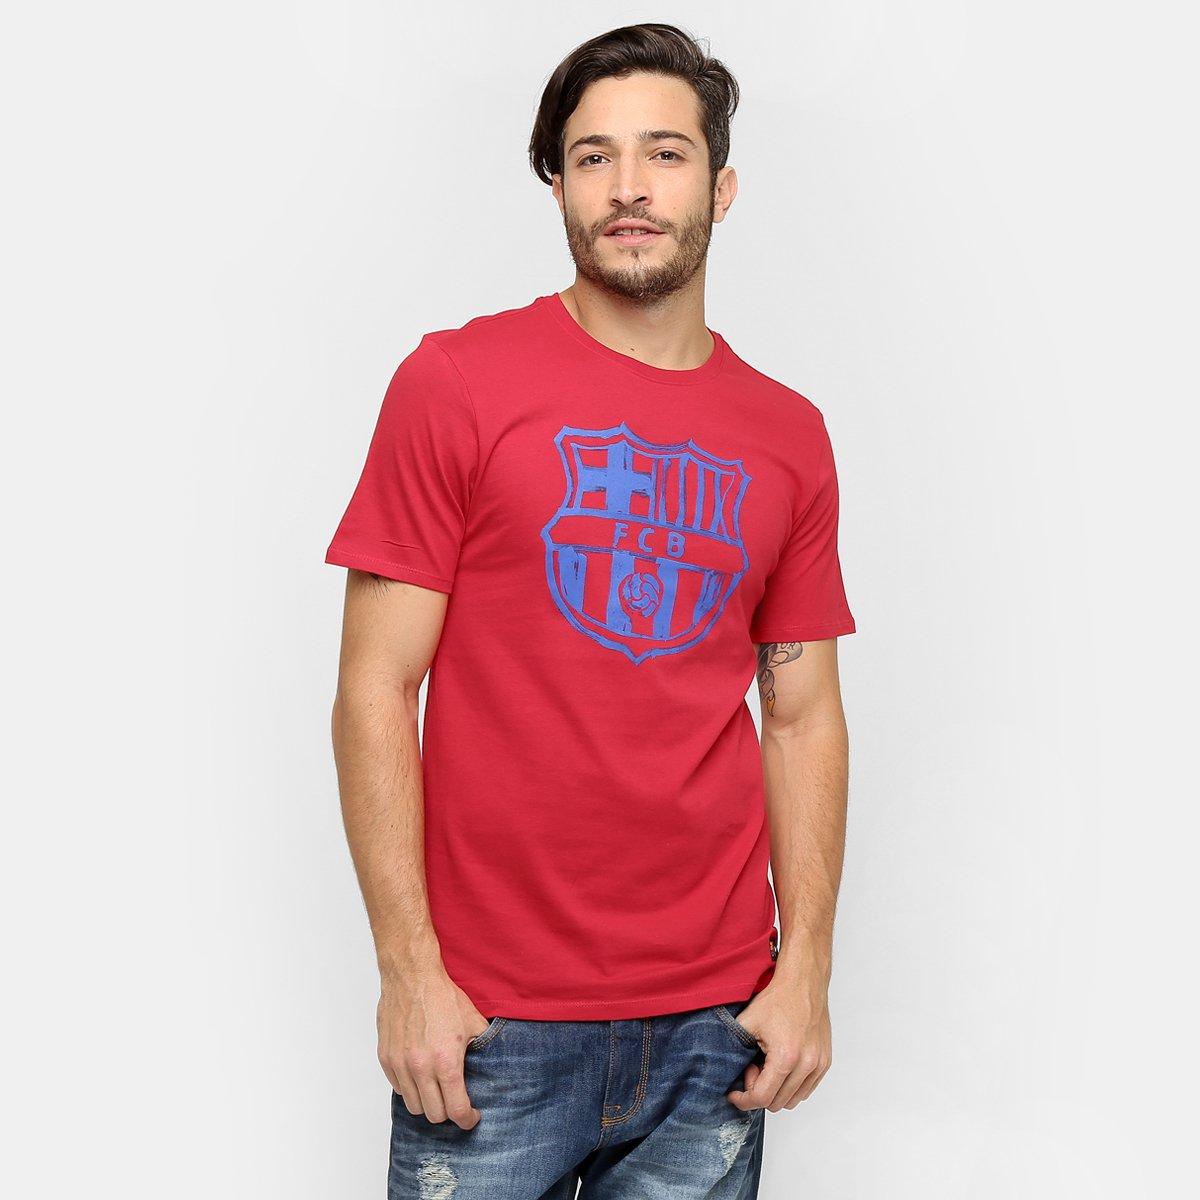 Camiseta Nike Barcelona Crest - Compre Agora  df885911e02d2